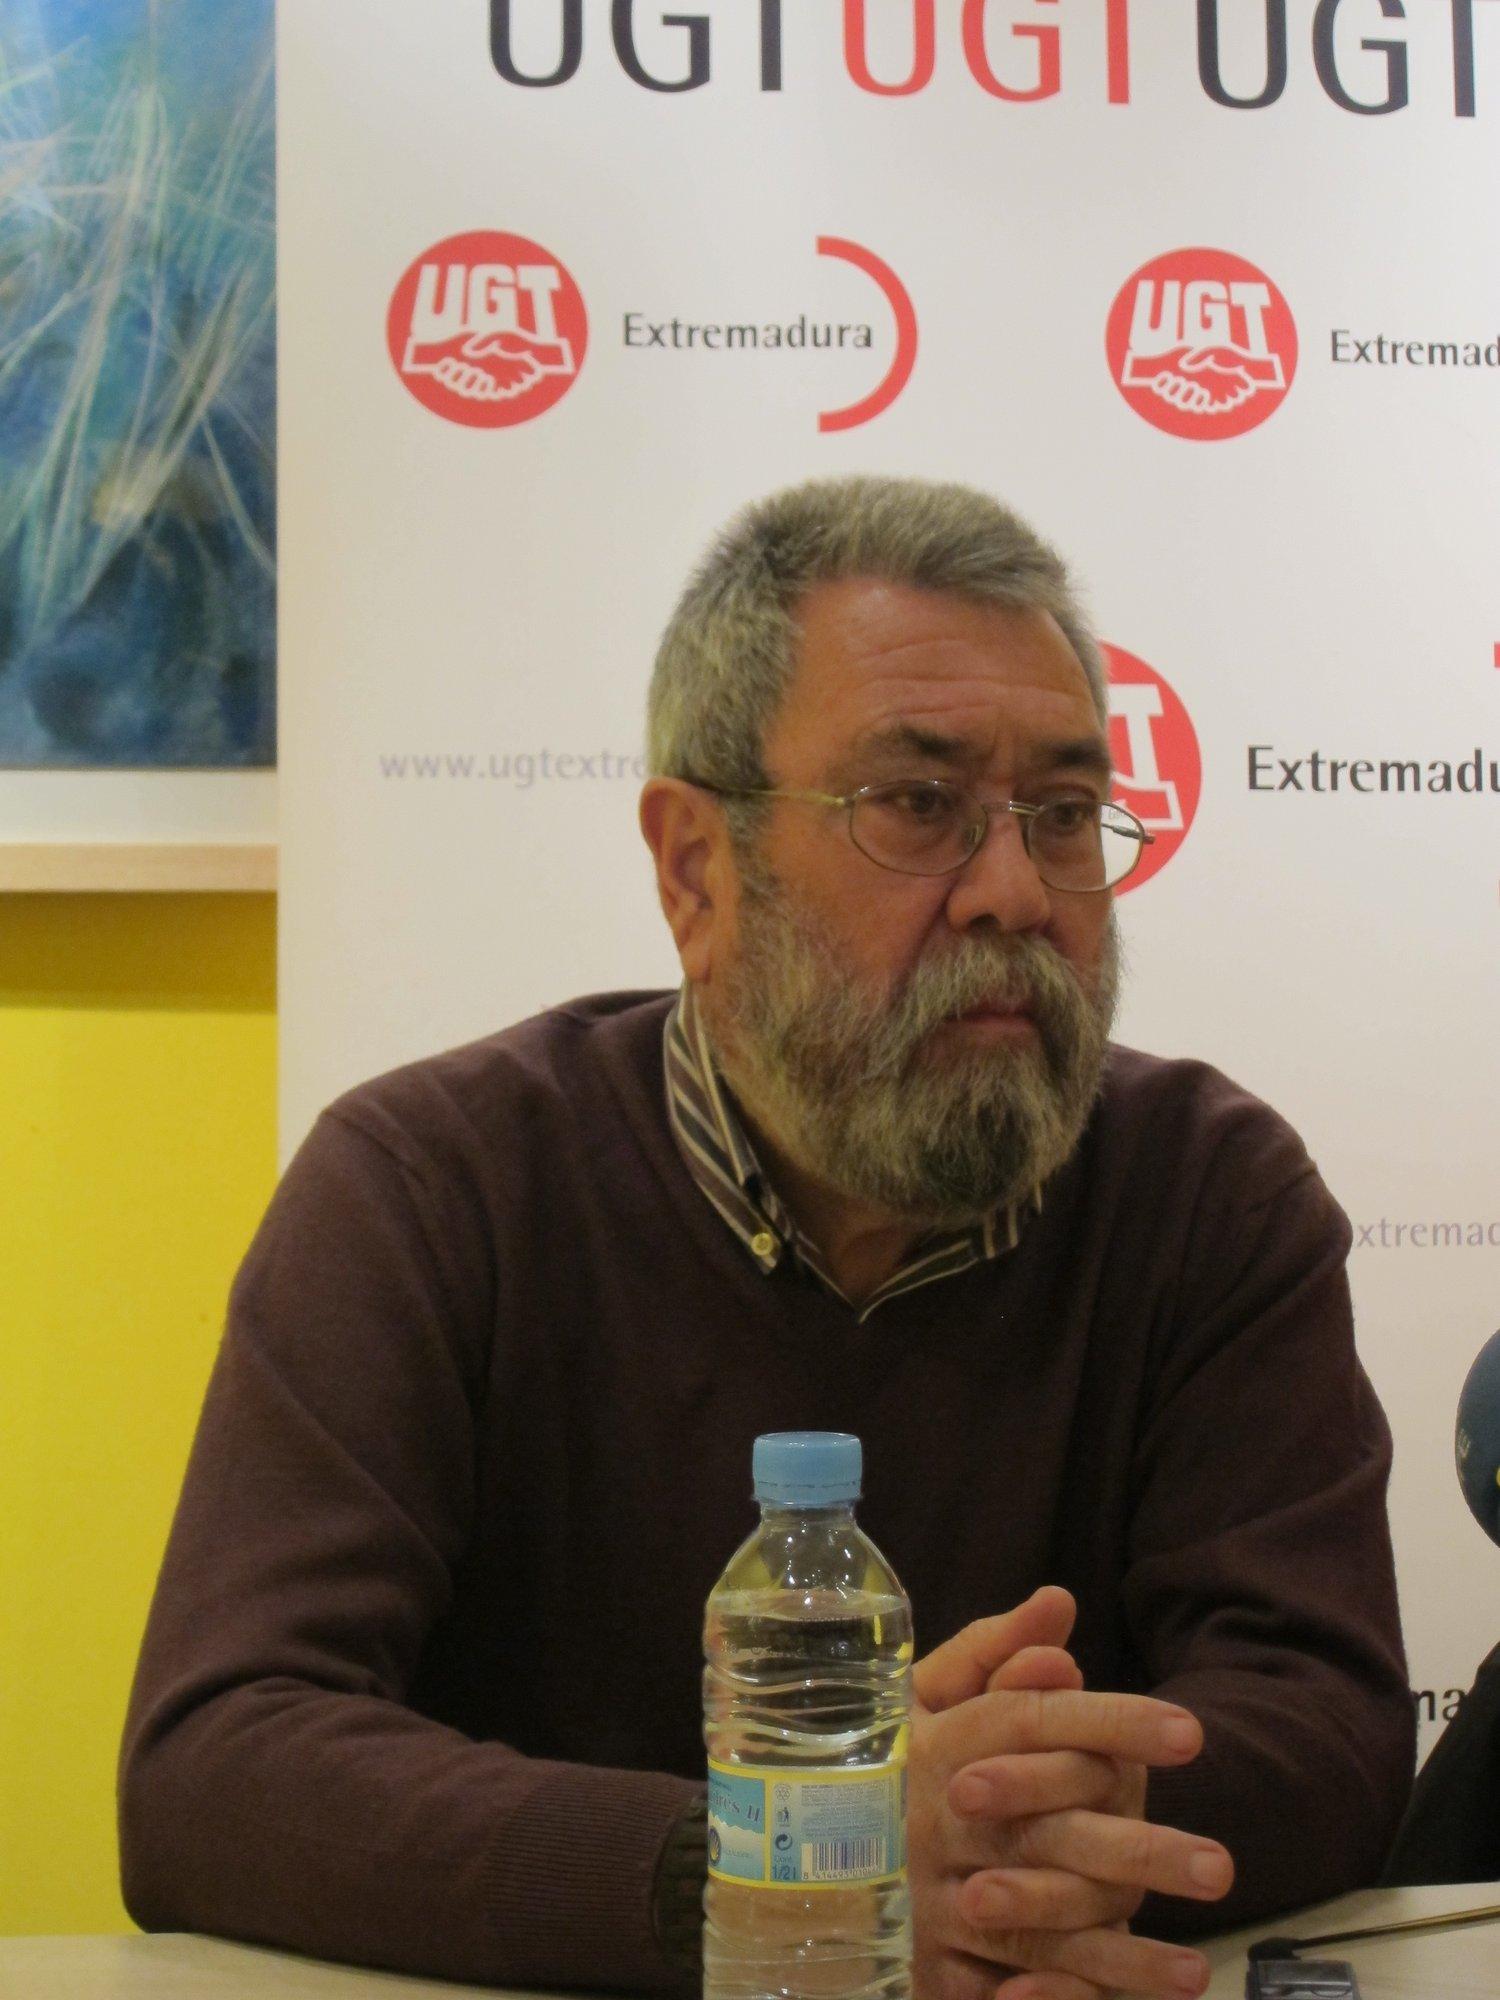 UGT denuncia que las políticas del Gobierno «hunden más a España en el pozo de la depresión económica»